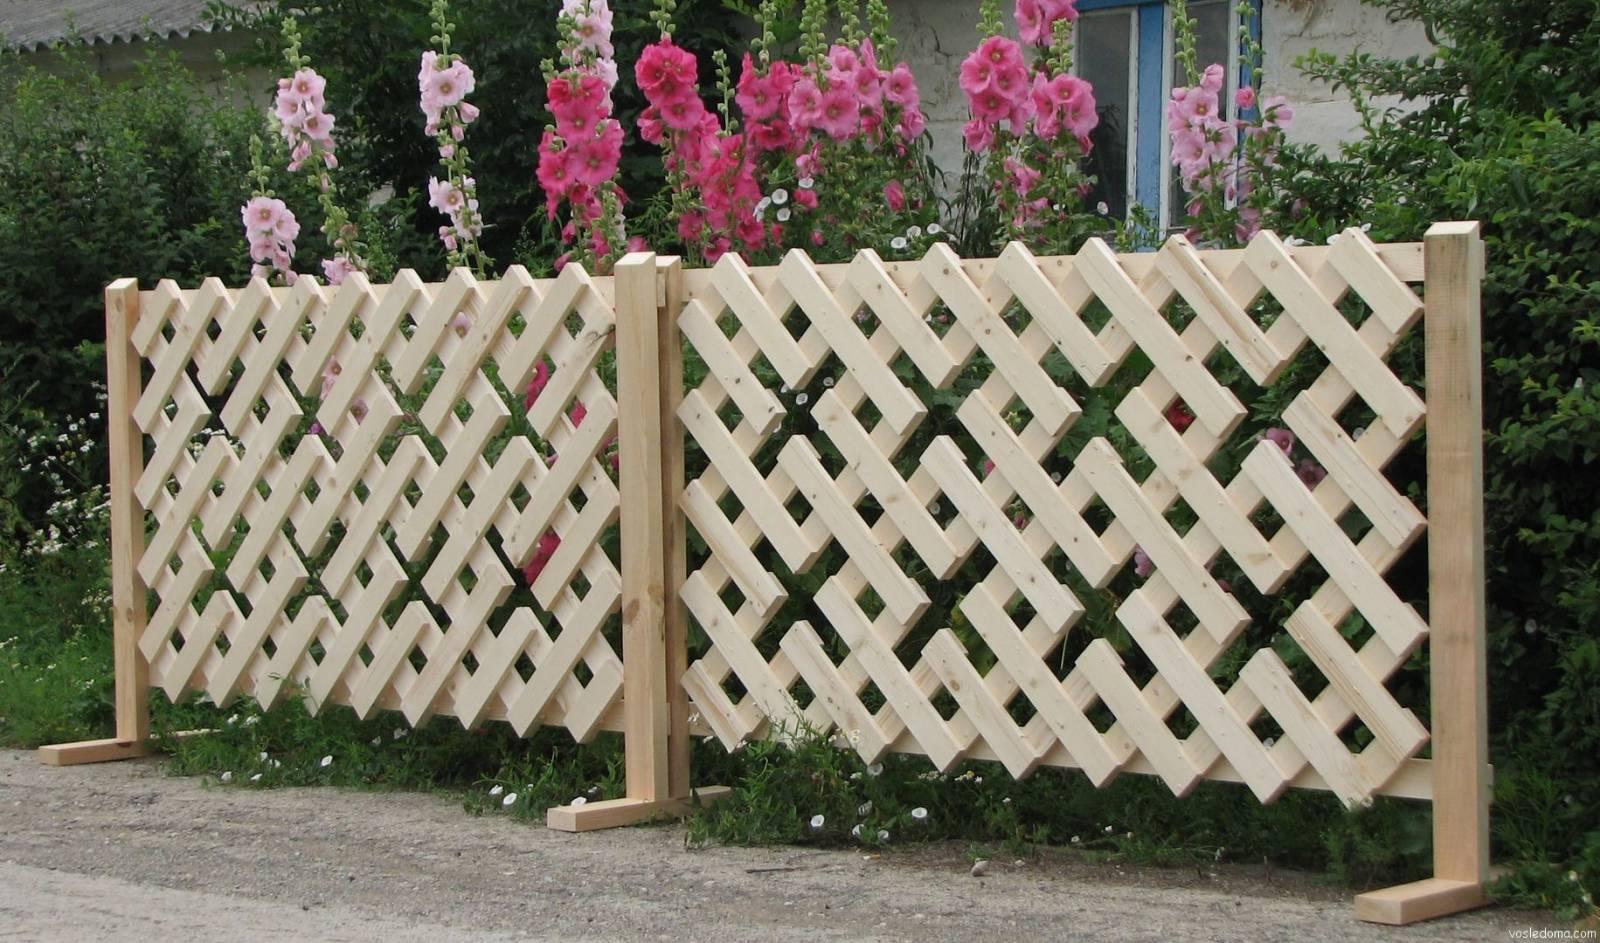 Ажурная декоративная оградка из деревянных планок.